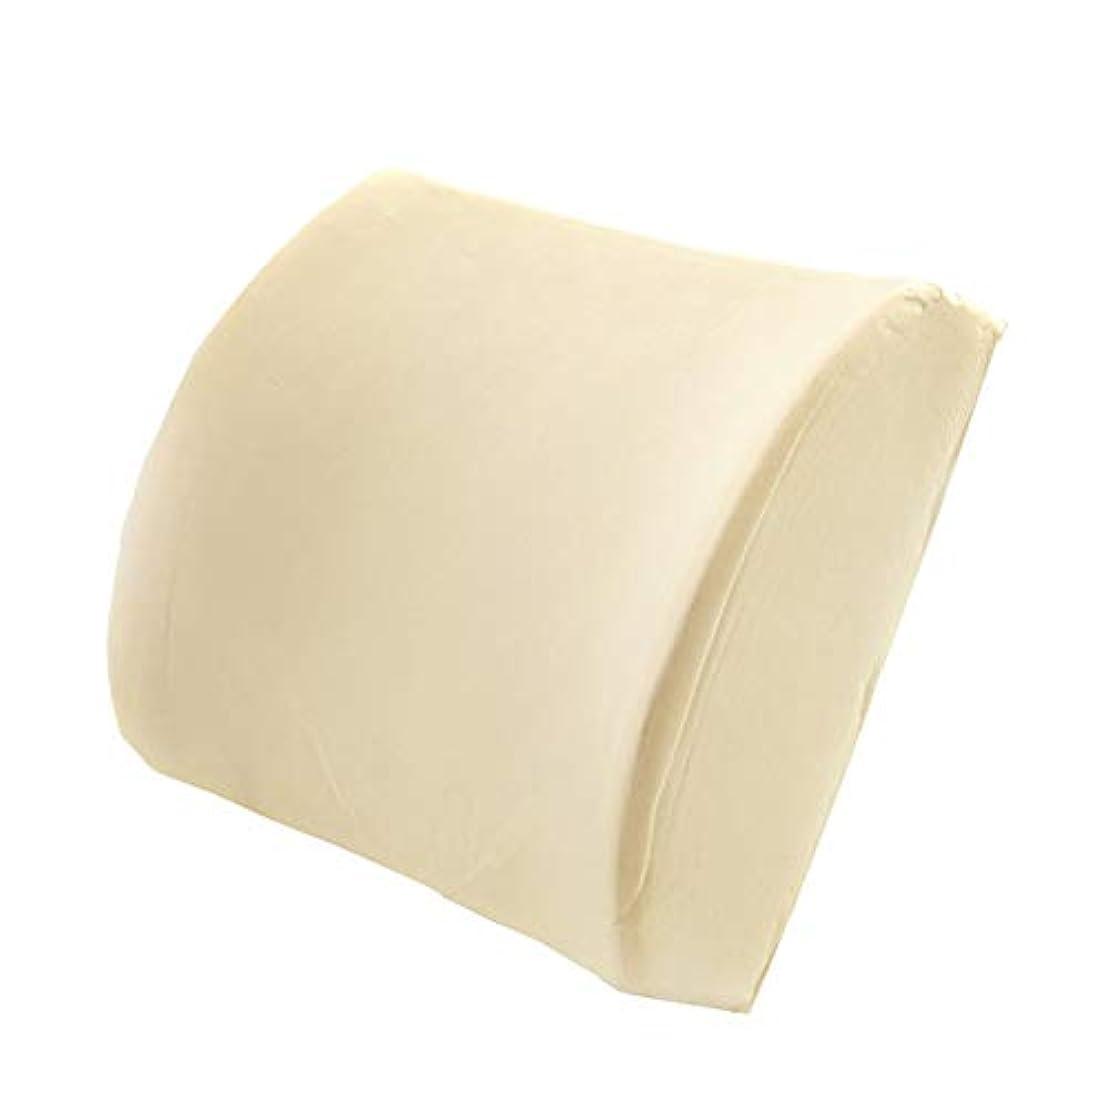 彼らのもの呼び出すボットサポート腰椎枕スペースメモリ綿腰椎腰肥厚オフィスクッションカーウエスト枕